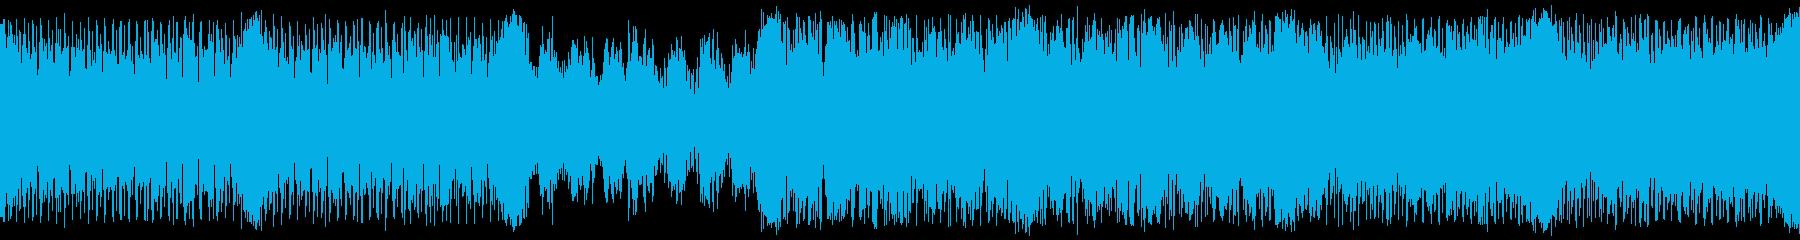 緊迫の疾走テクノオーケストラ ループ仕様の再生済みの波形